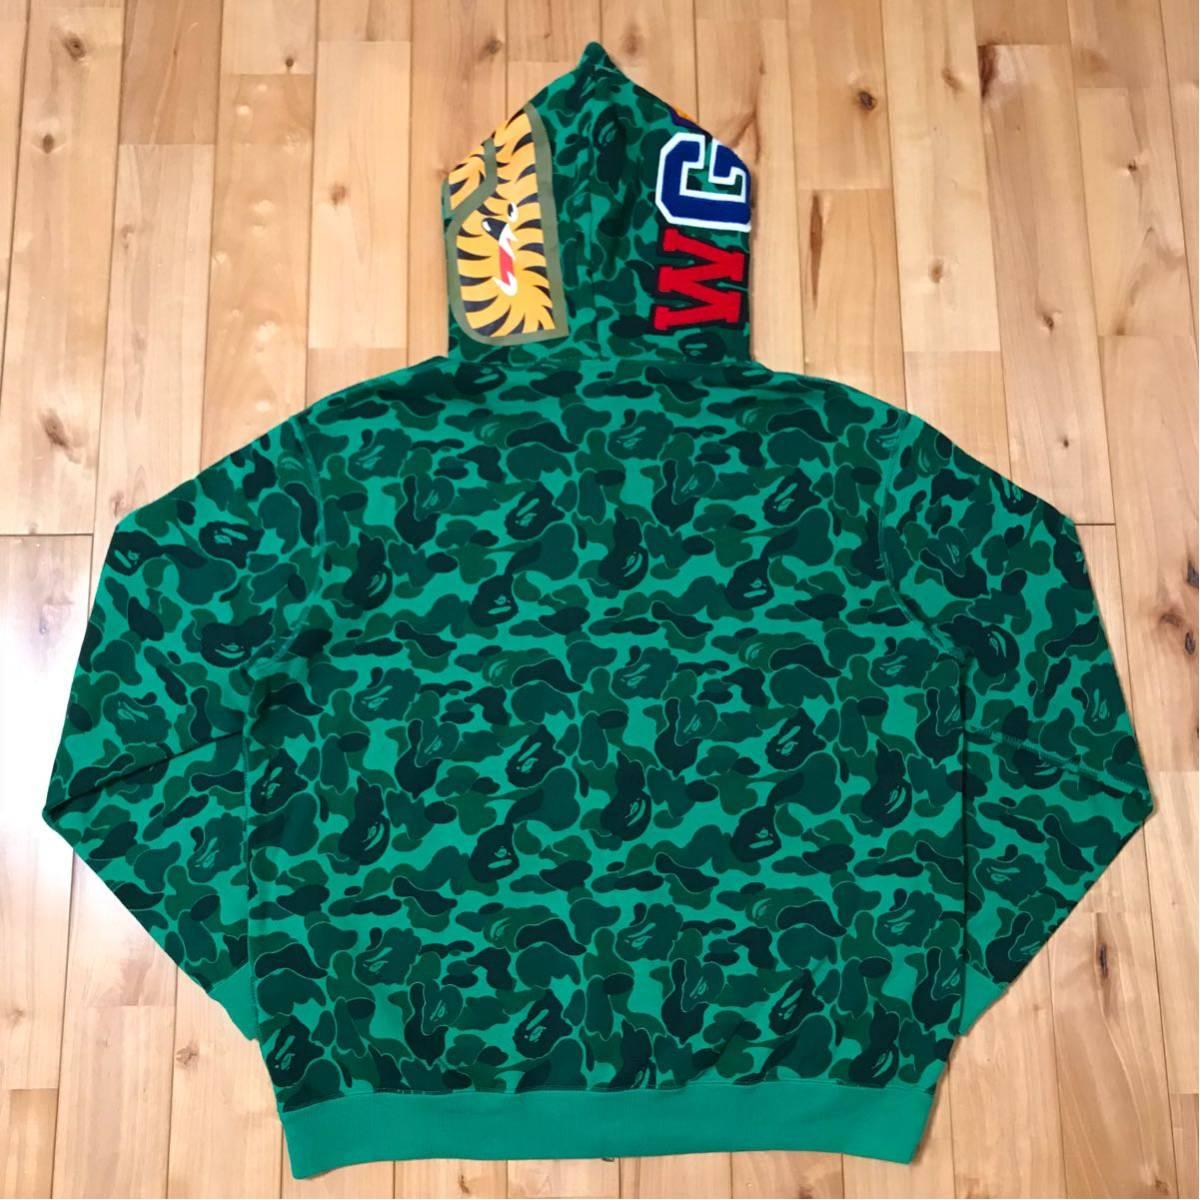 ★渋谷限定★ 初代 shibuya store limited color camo シャーク パーカー shark full zip hoodie a bathing ape BAPE ベイプ 都市限定